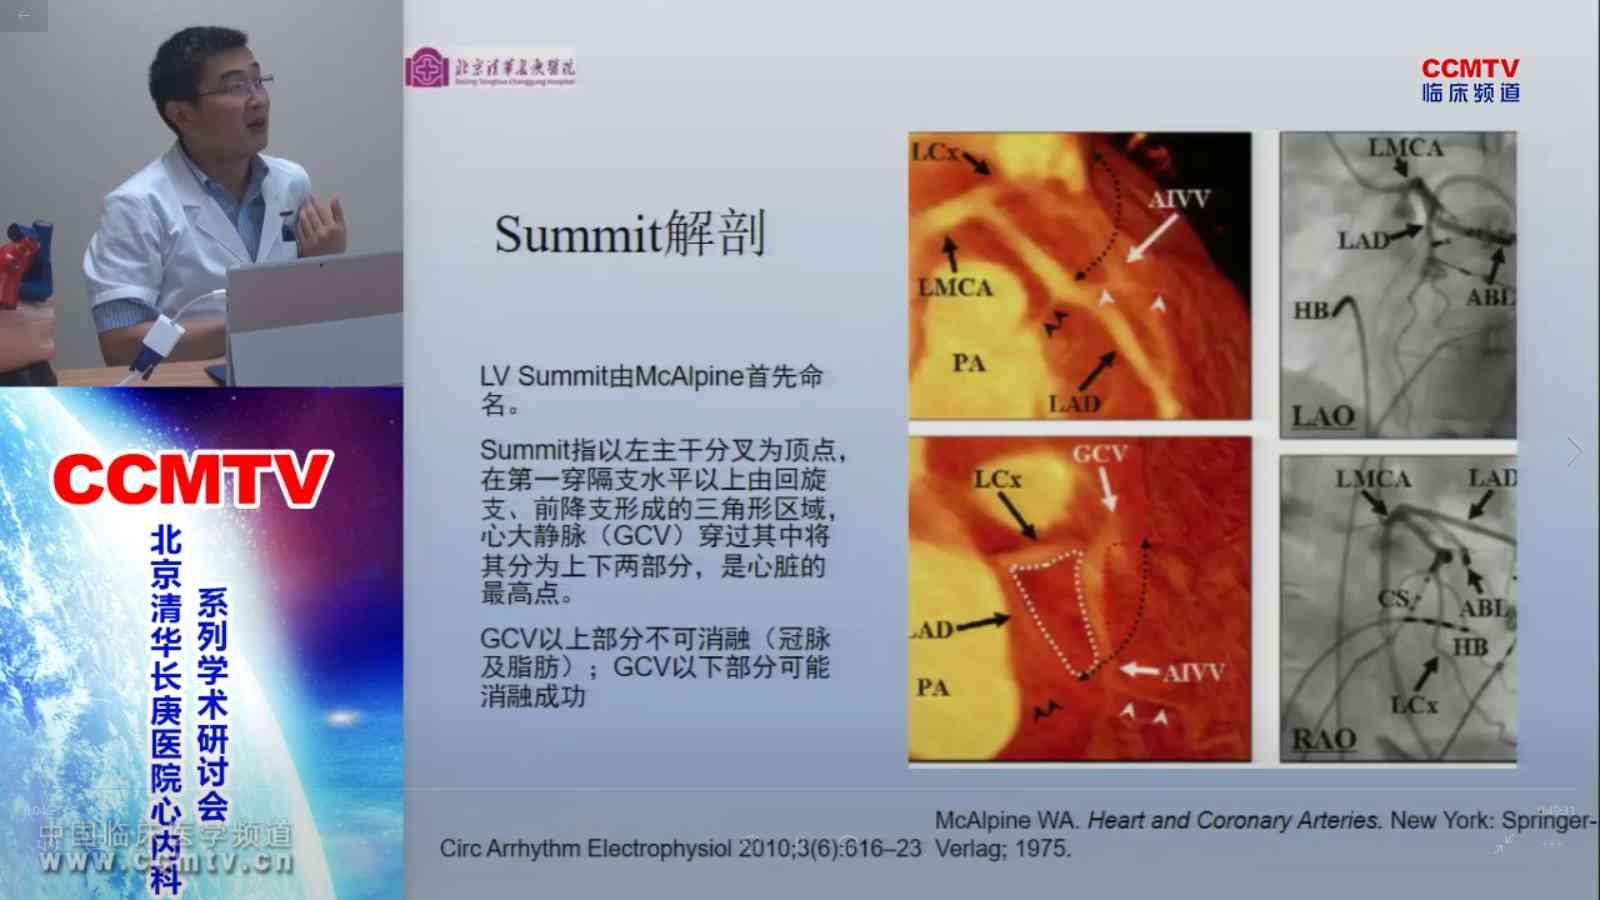 心血管疾病 诊疗策略 心律失常  刘元伟:左室summit起源室性心律失常(VA)-心电图特点与消融